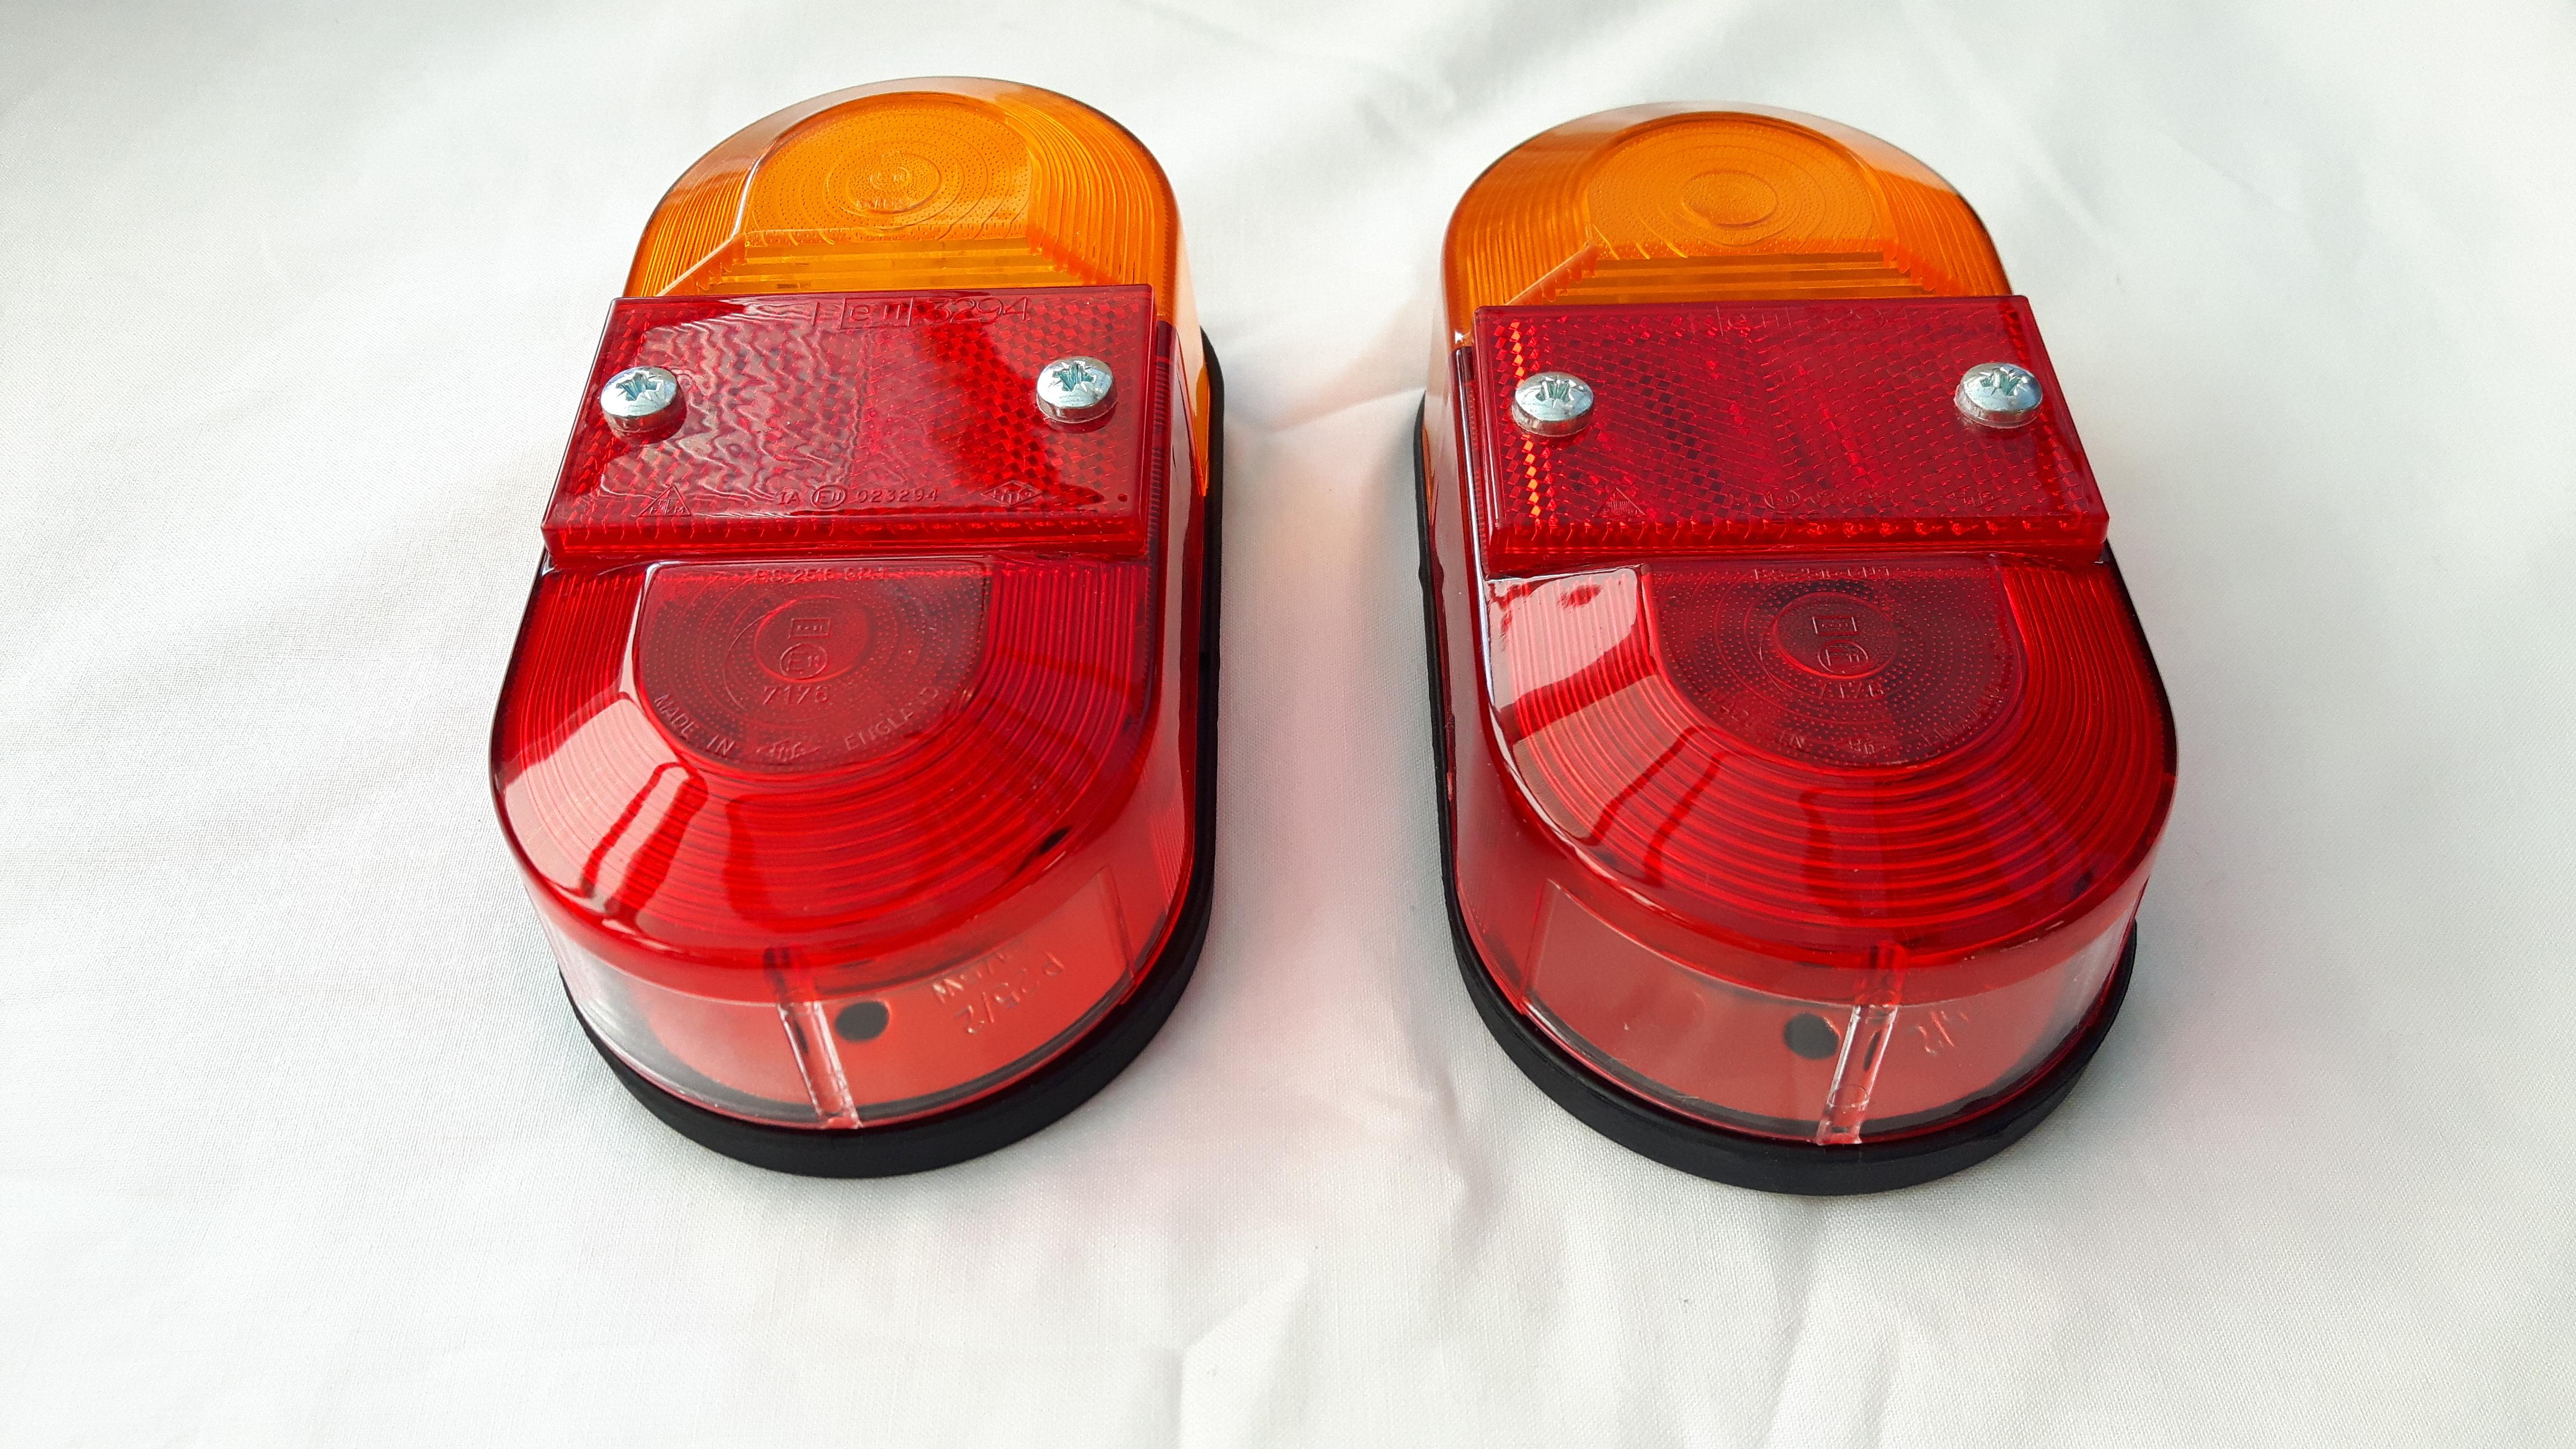 Portafold rear light unit